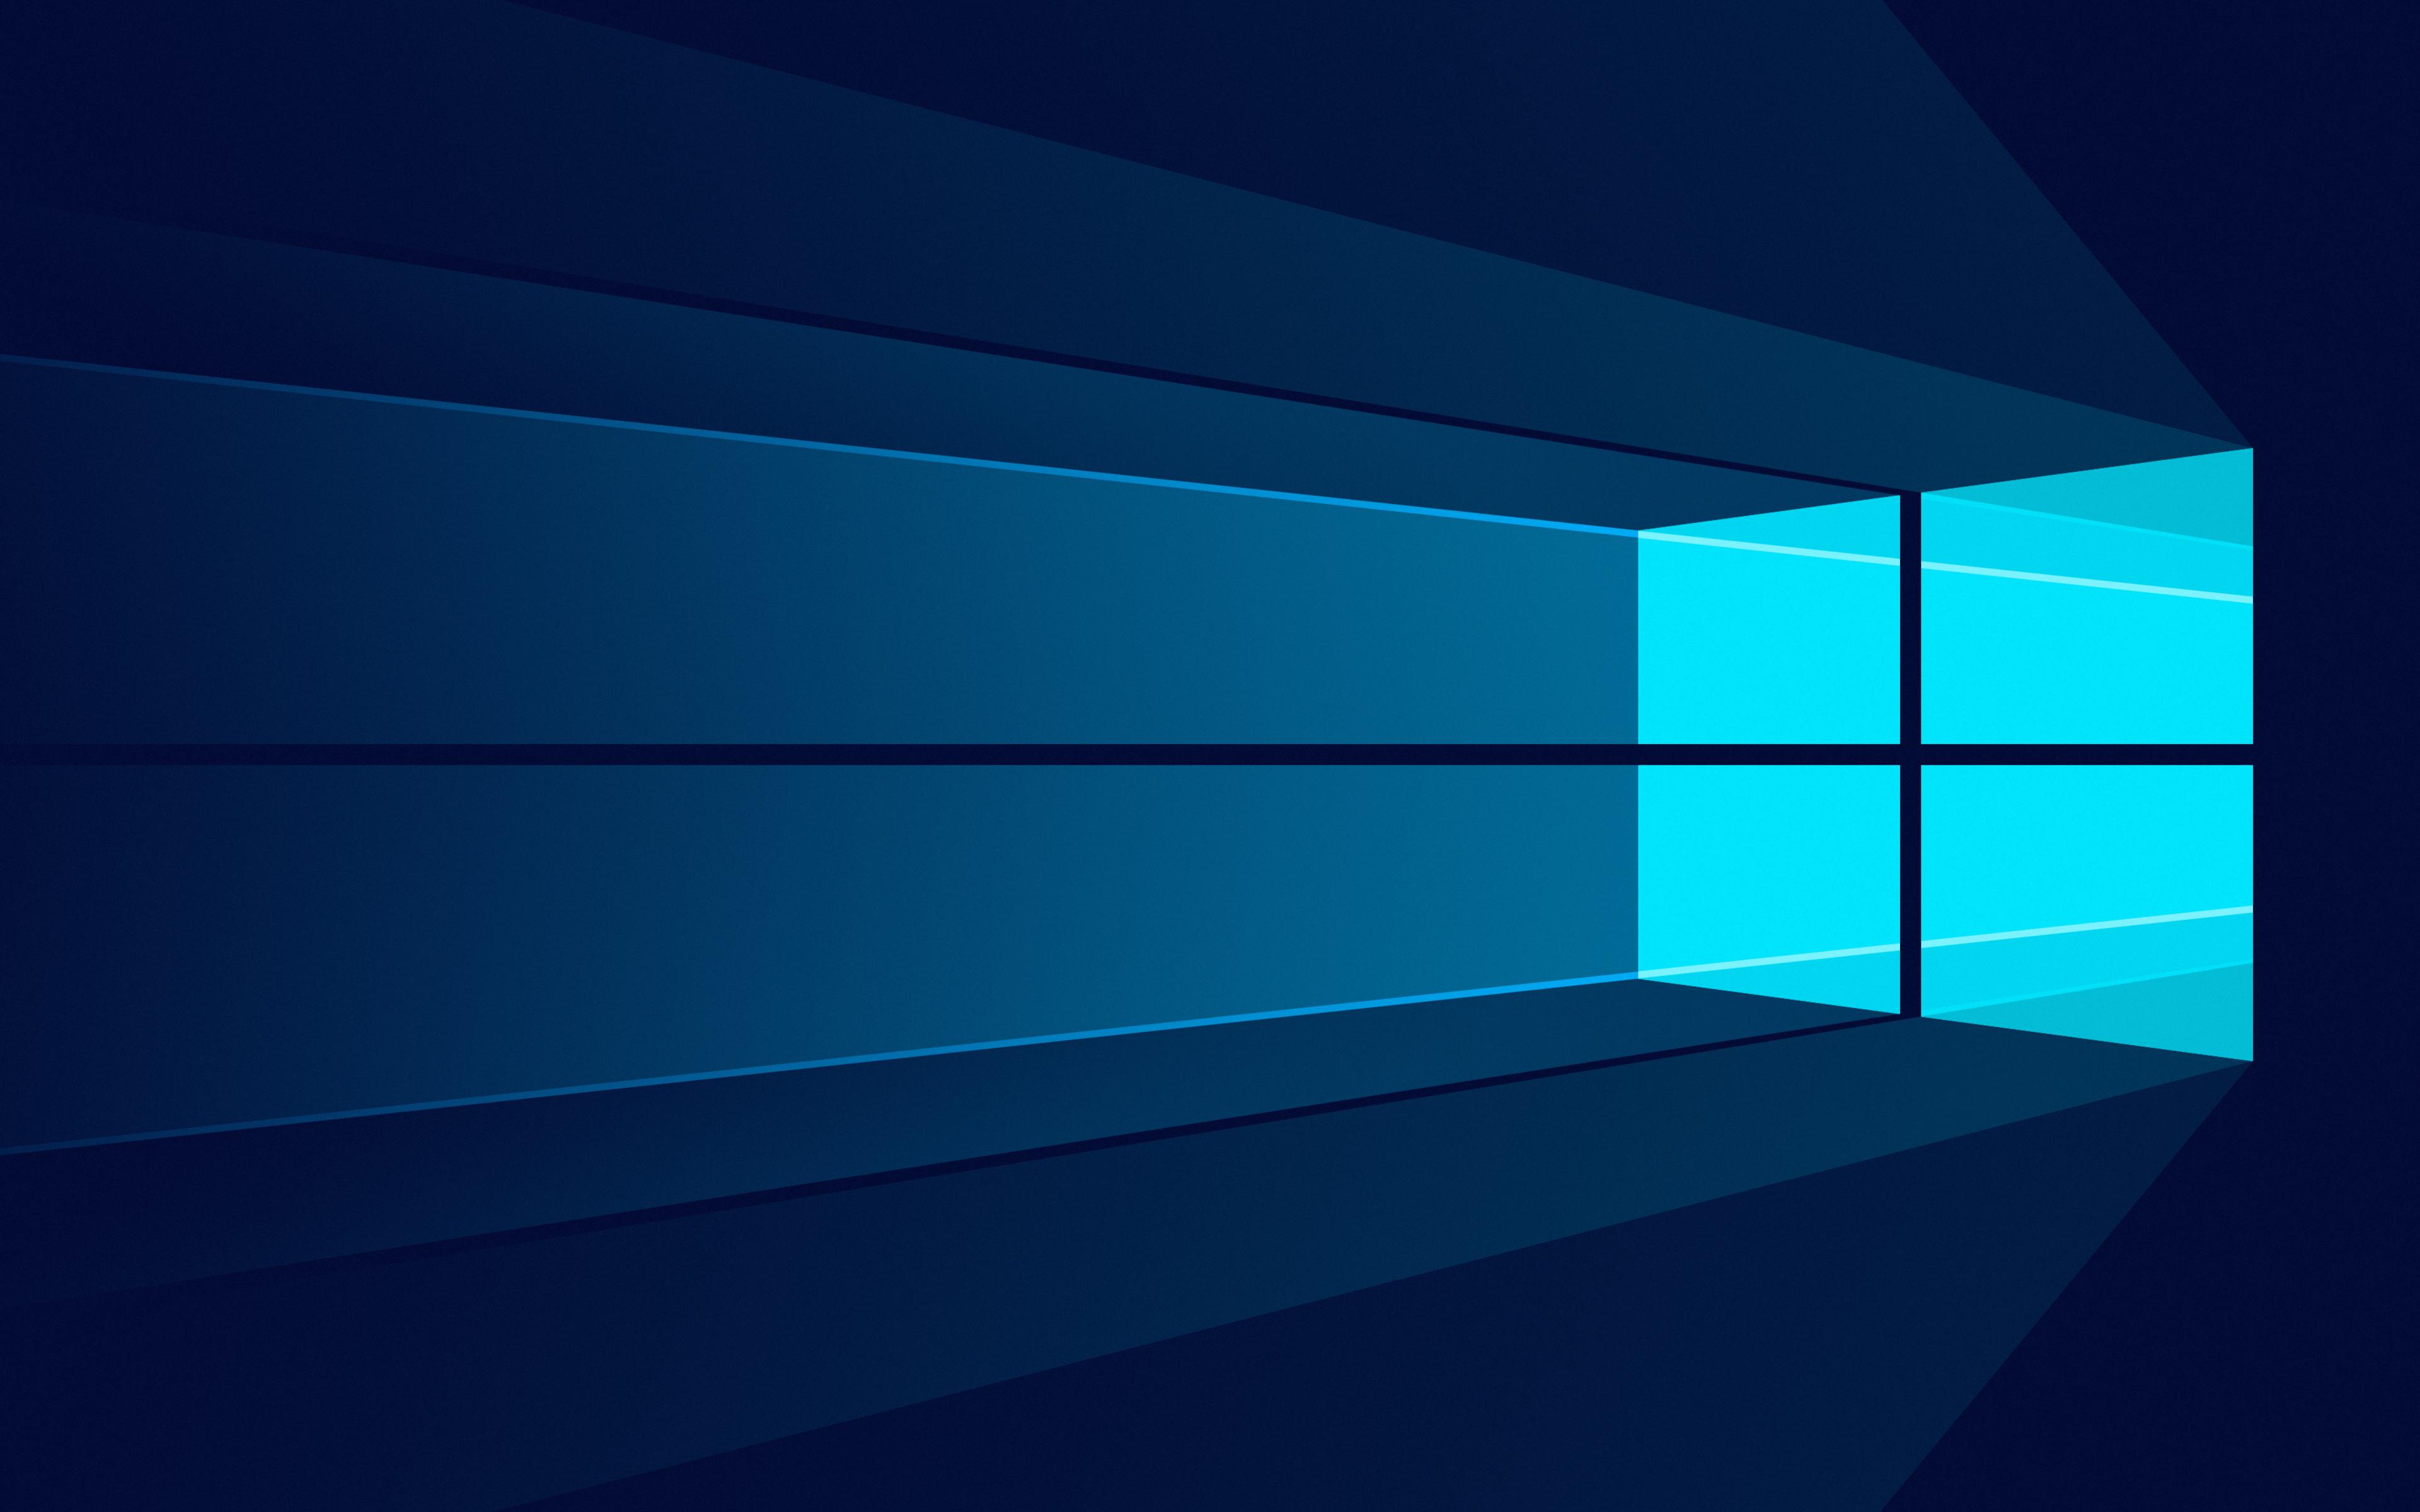 3840x2400 Windows 10 Minimalist 4k HD 4k Wallpapers ...